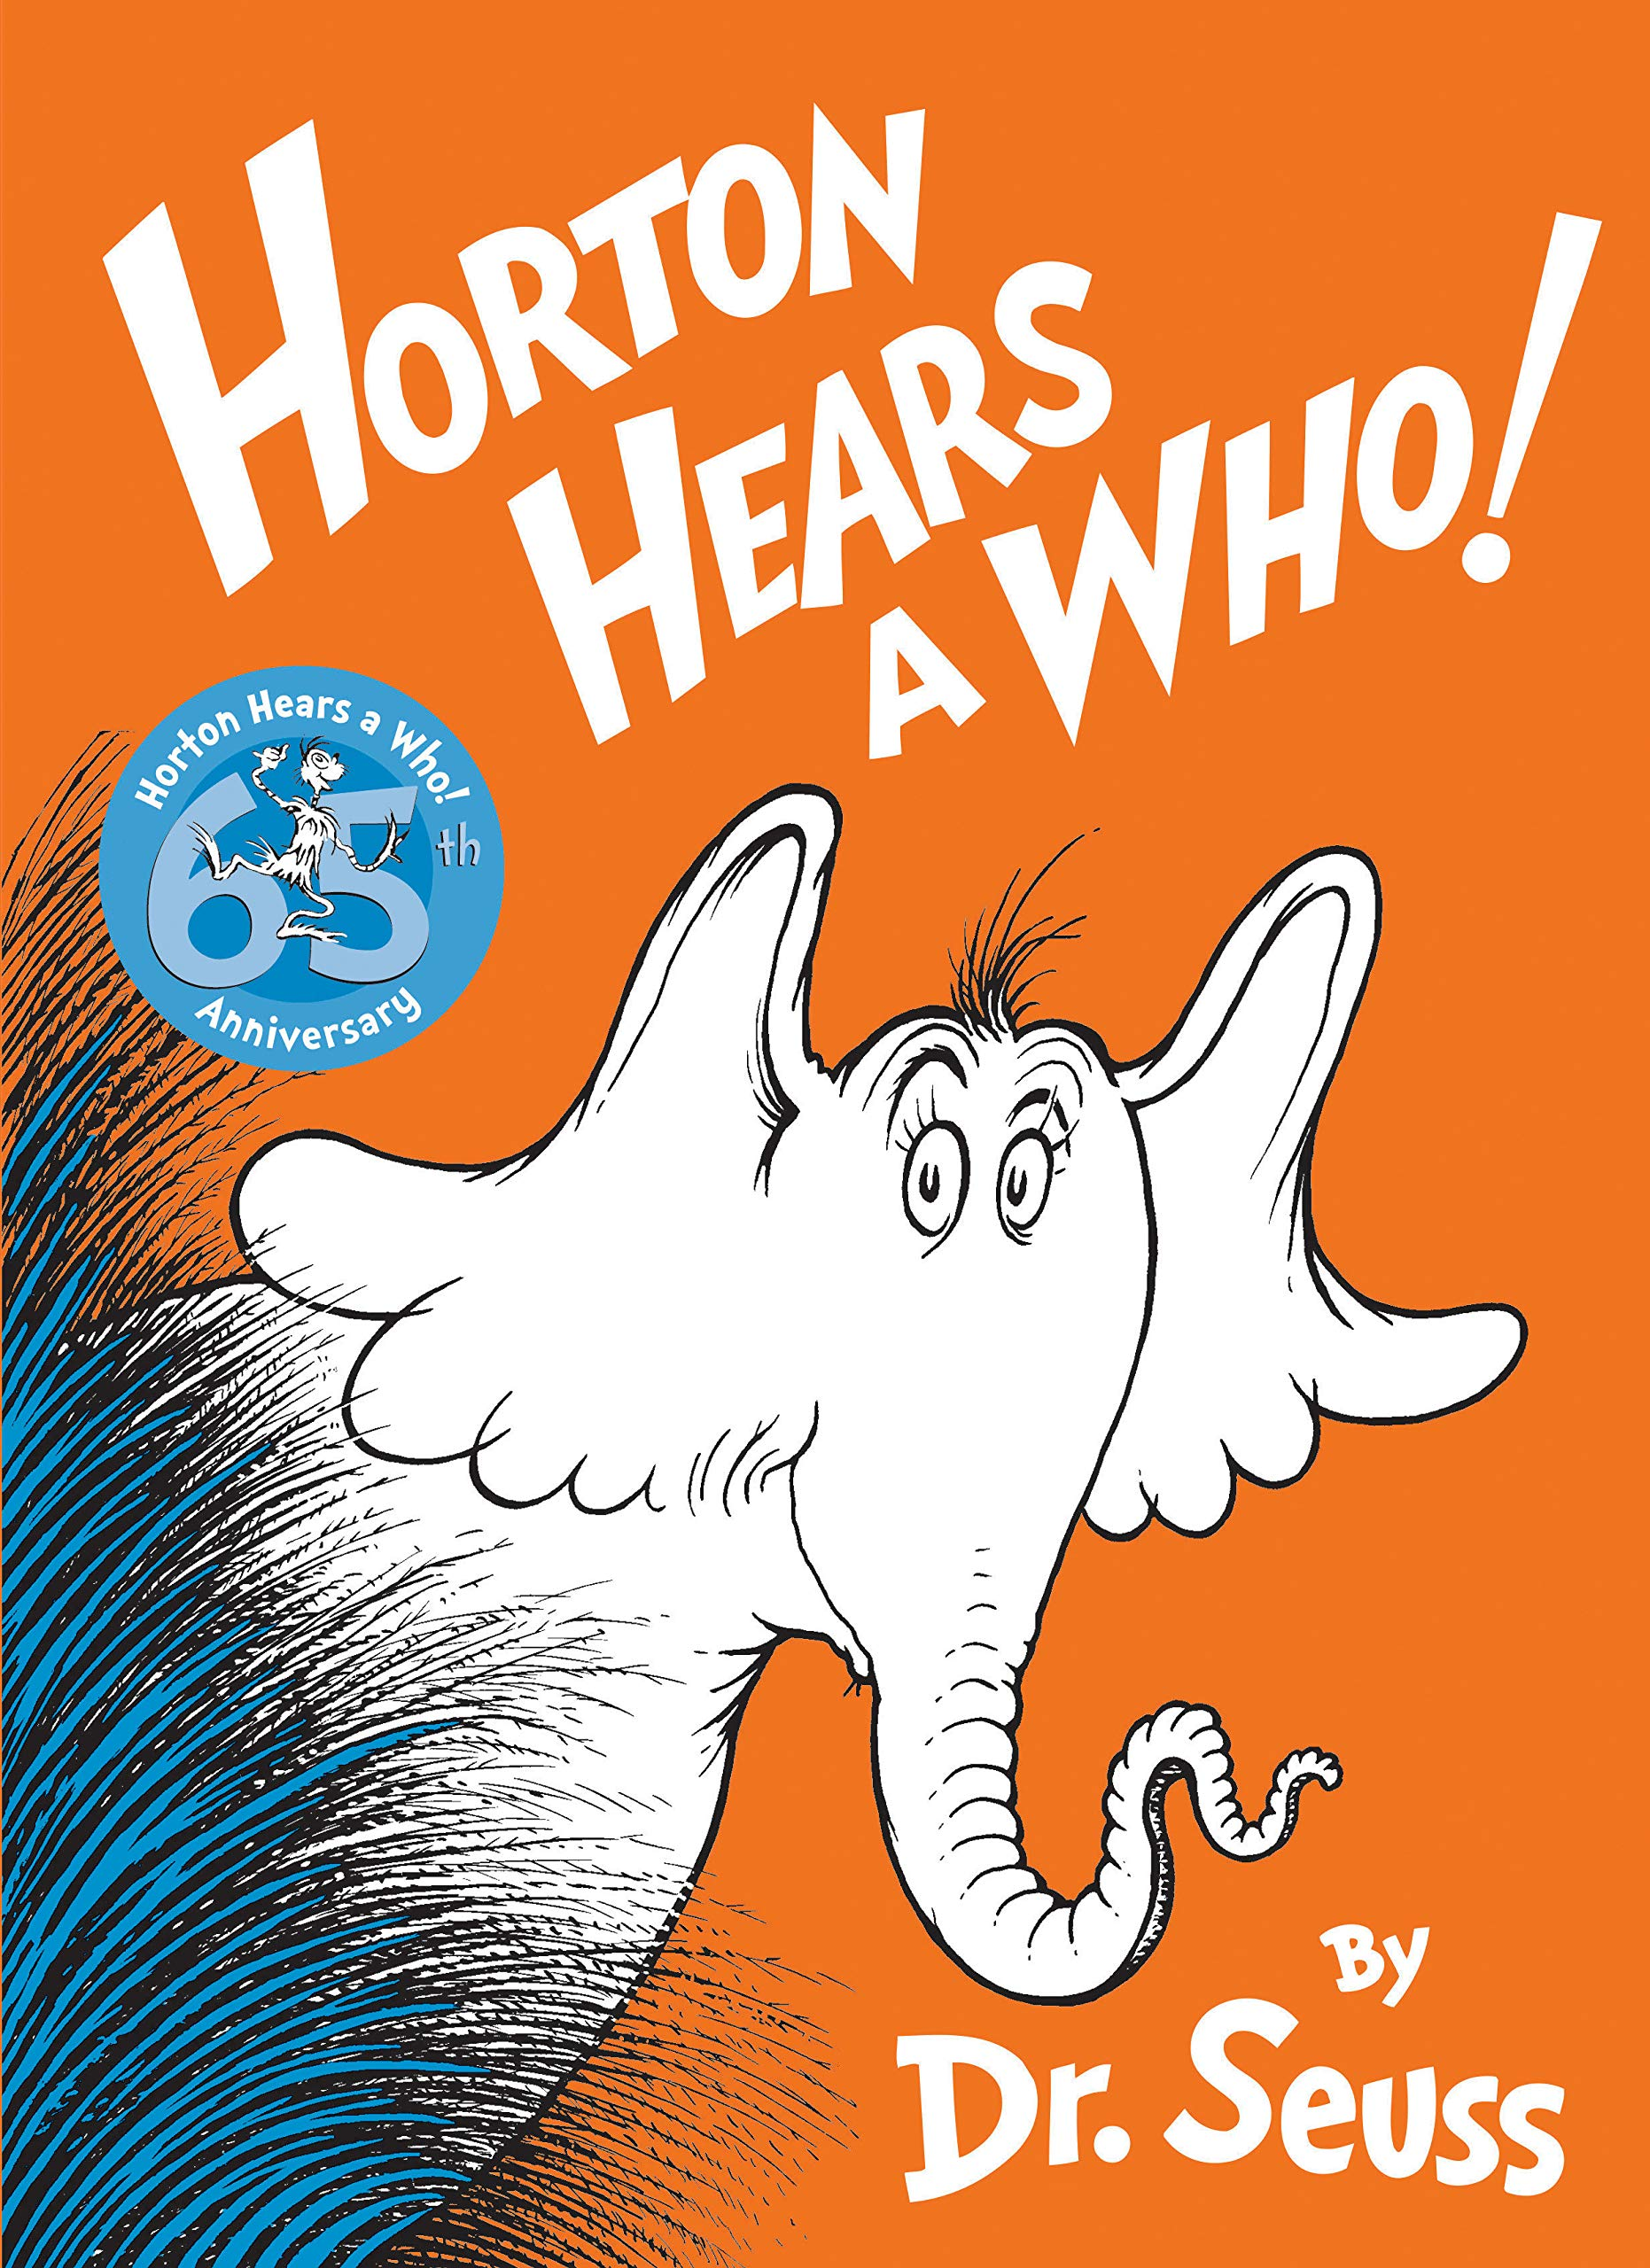 Horton Hears a Who! by Dr. Seuss, best dr. seuss books